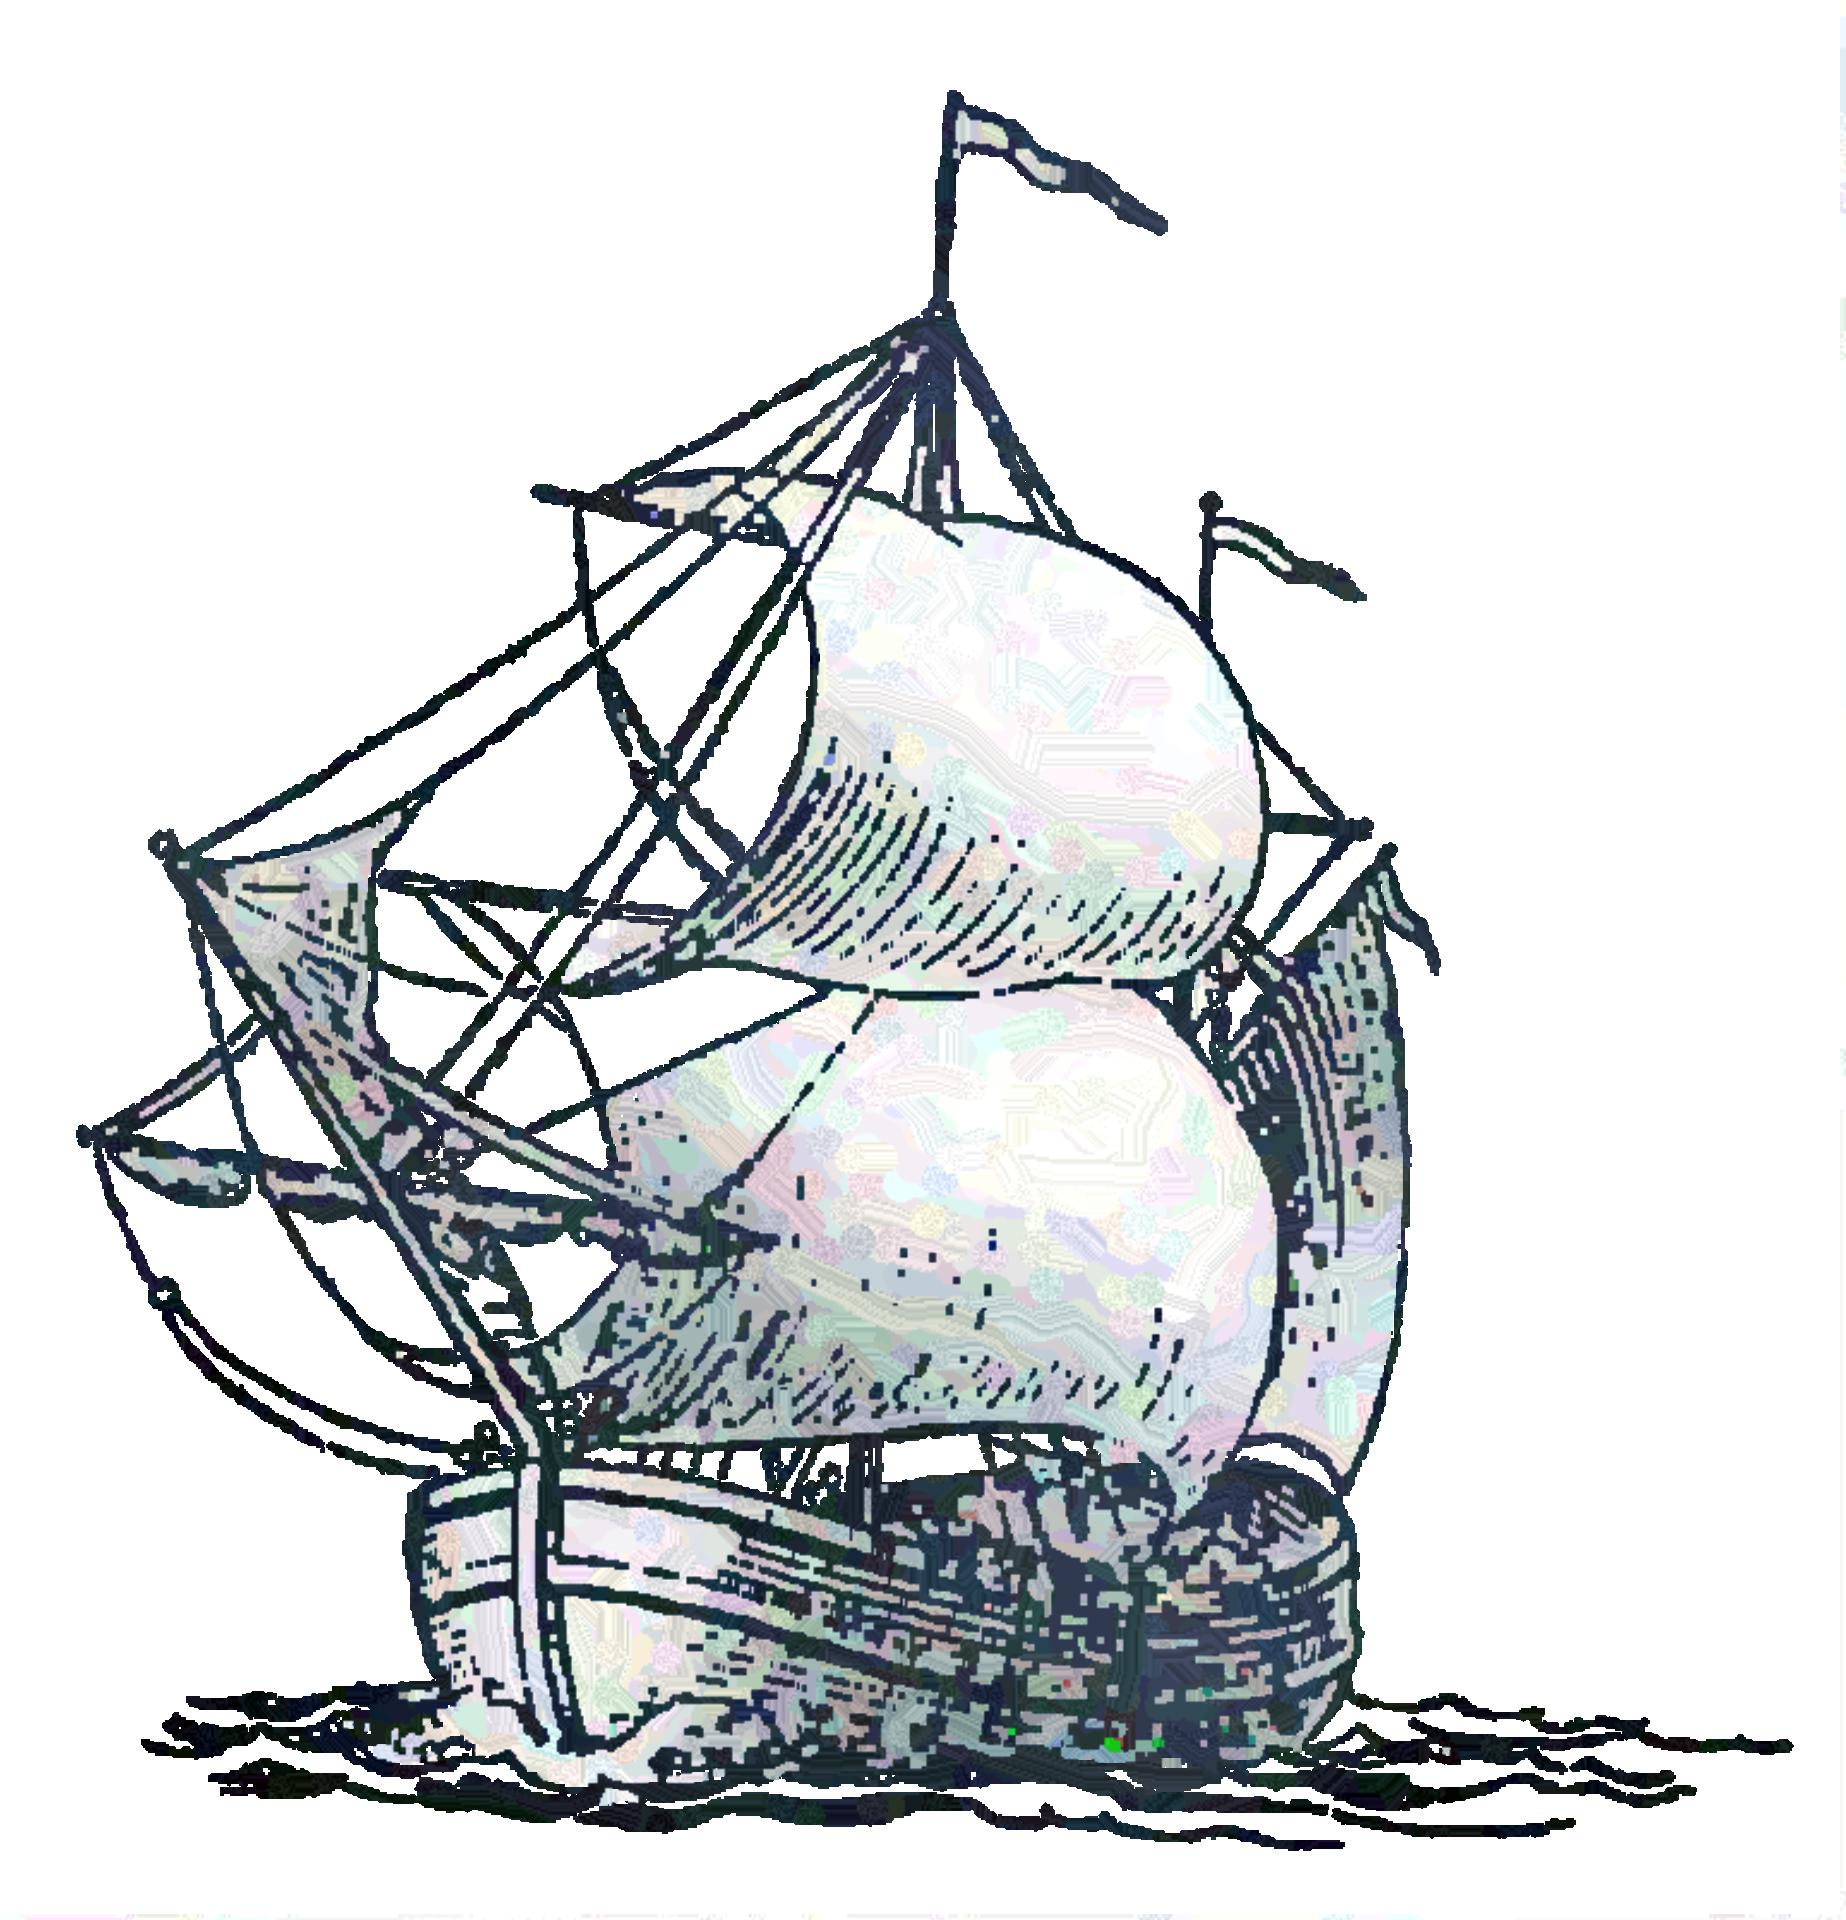 Ship in the sea photo